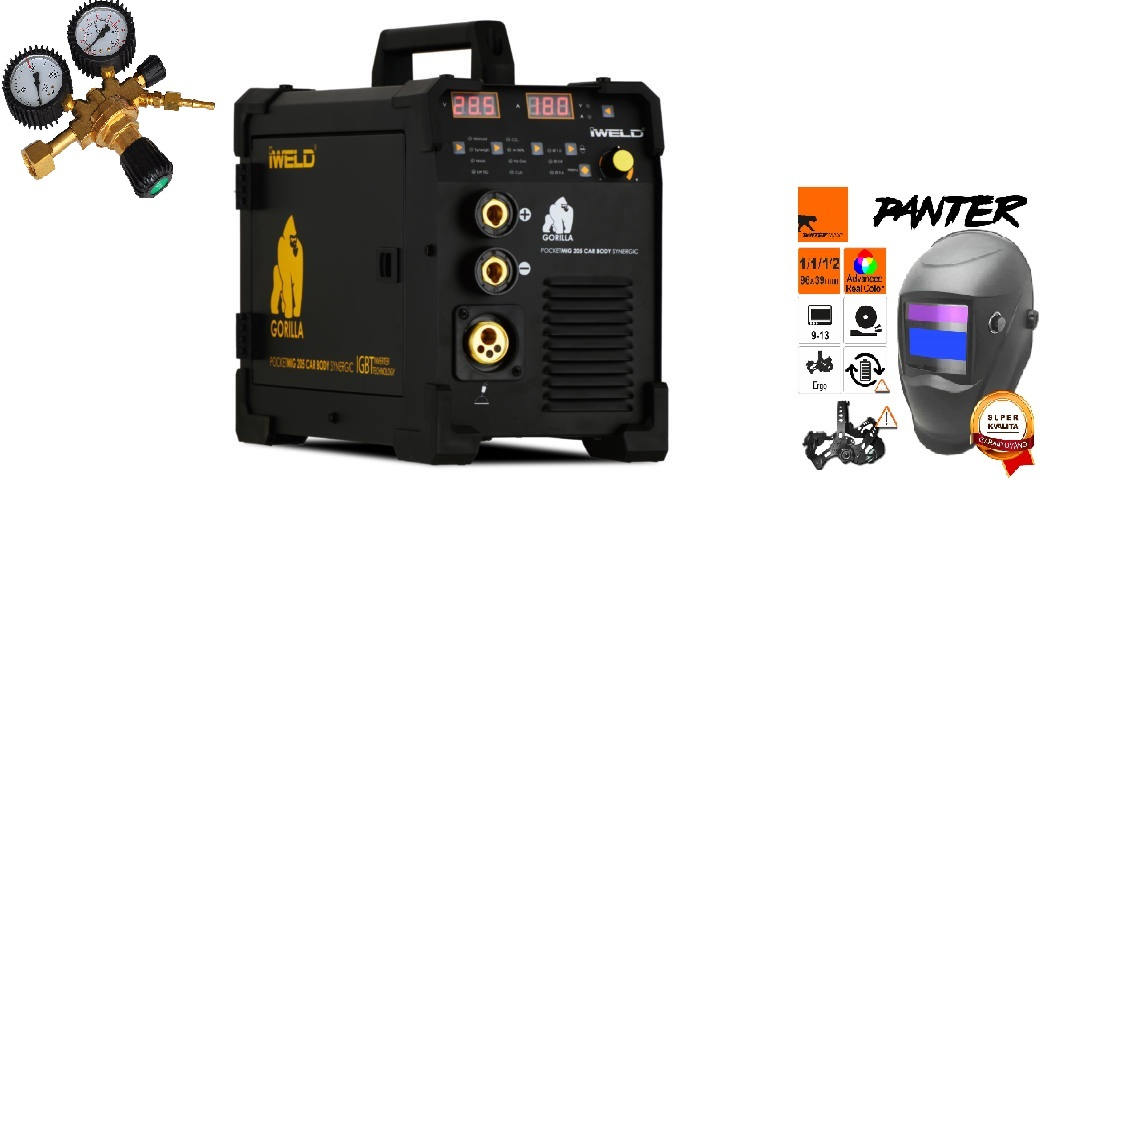 Gorilla PocketMig 205 Varianta: SET 8: svářečka s výbavou v popisu stroje + RV CO2 + kukla eco Panter výhodný SET - další příslušenství ZDARMA